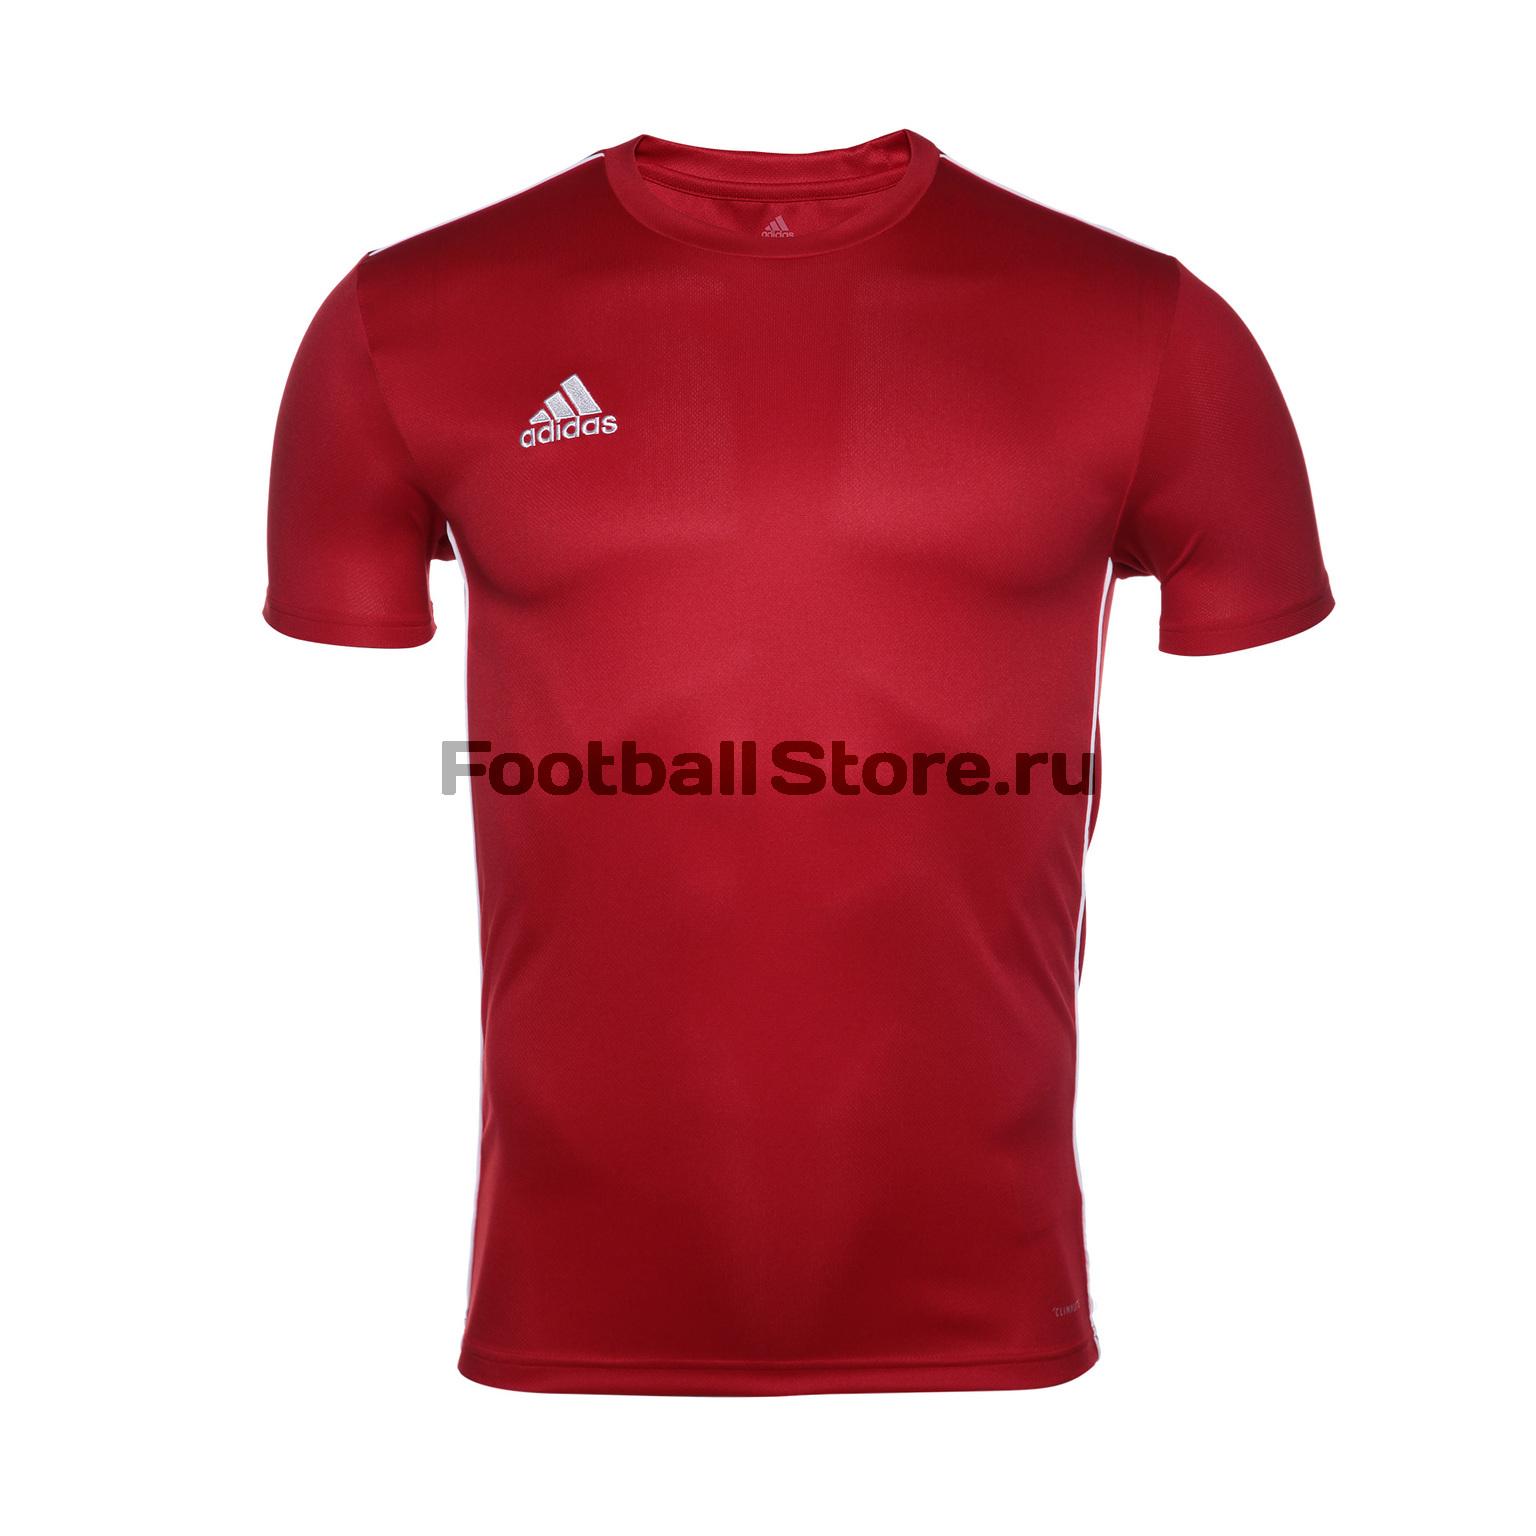 Футболка тренировочная Adidas Core18 JSY CV3452 футболка тренировочная adidas tiro19 tr jsy dt5288